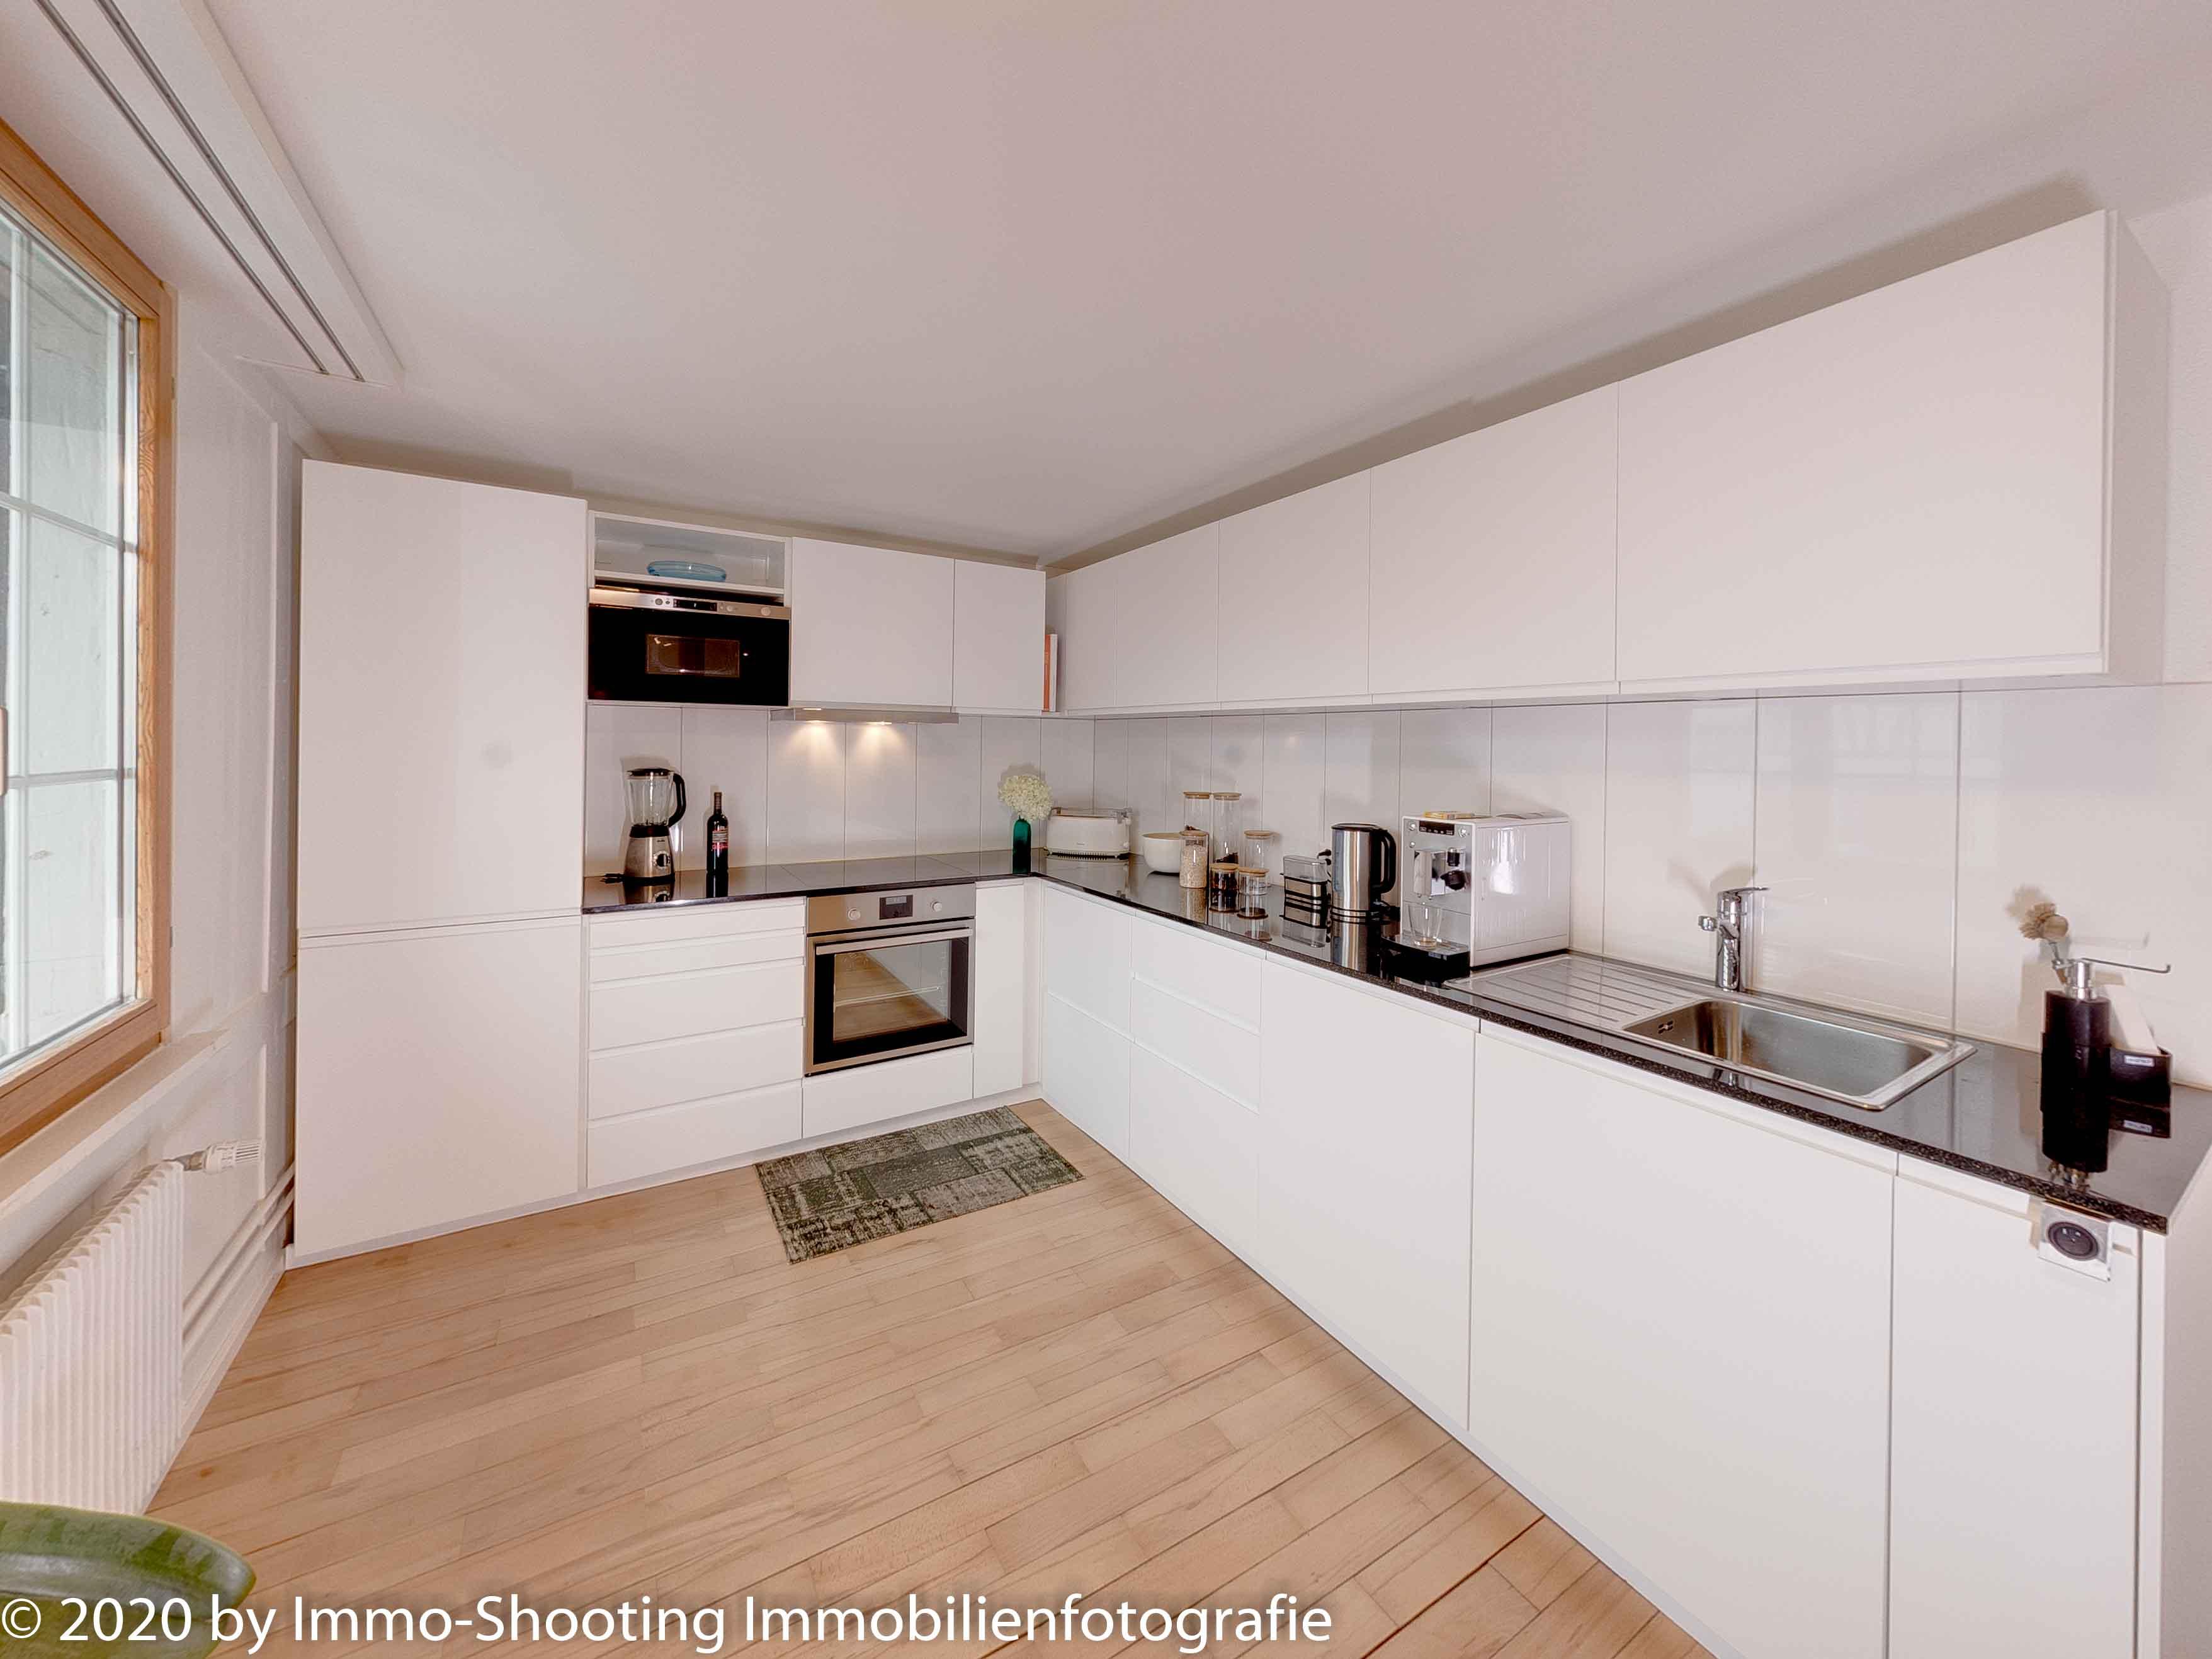 Küche Altbauwohnung Architekturfotografie Immoshooting